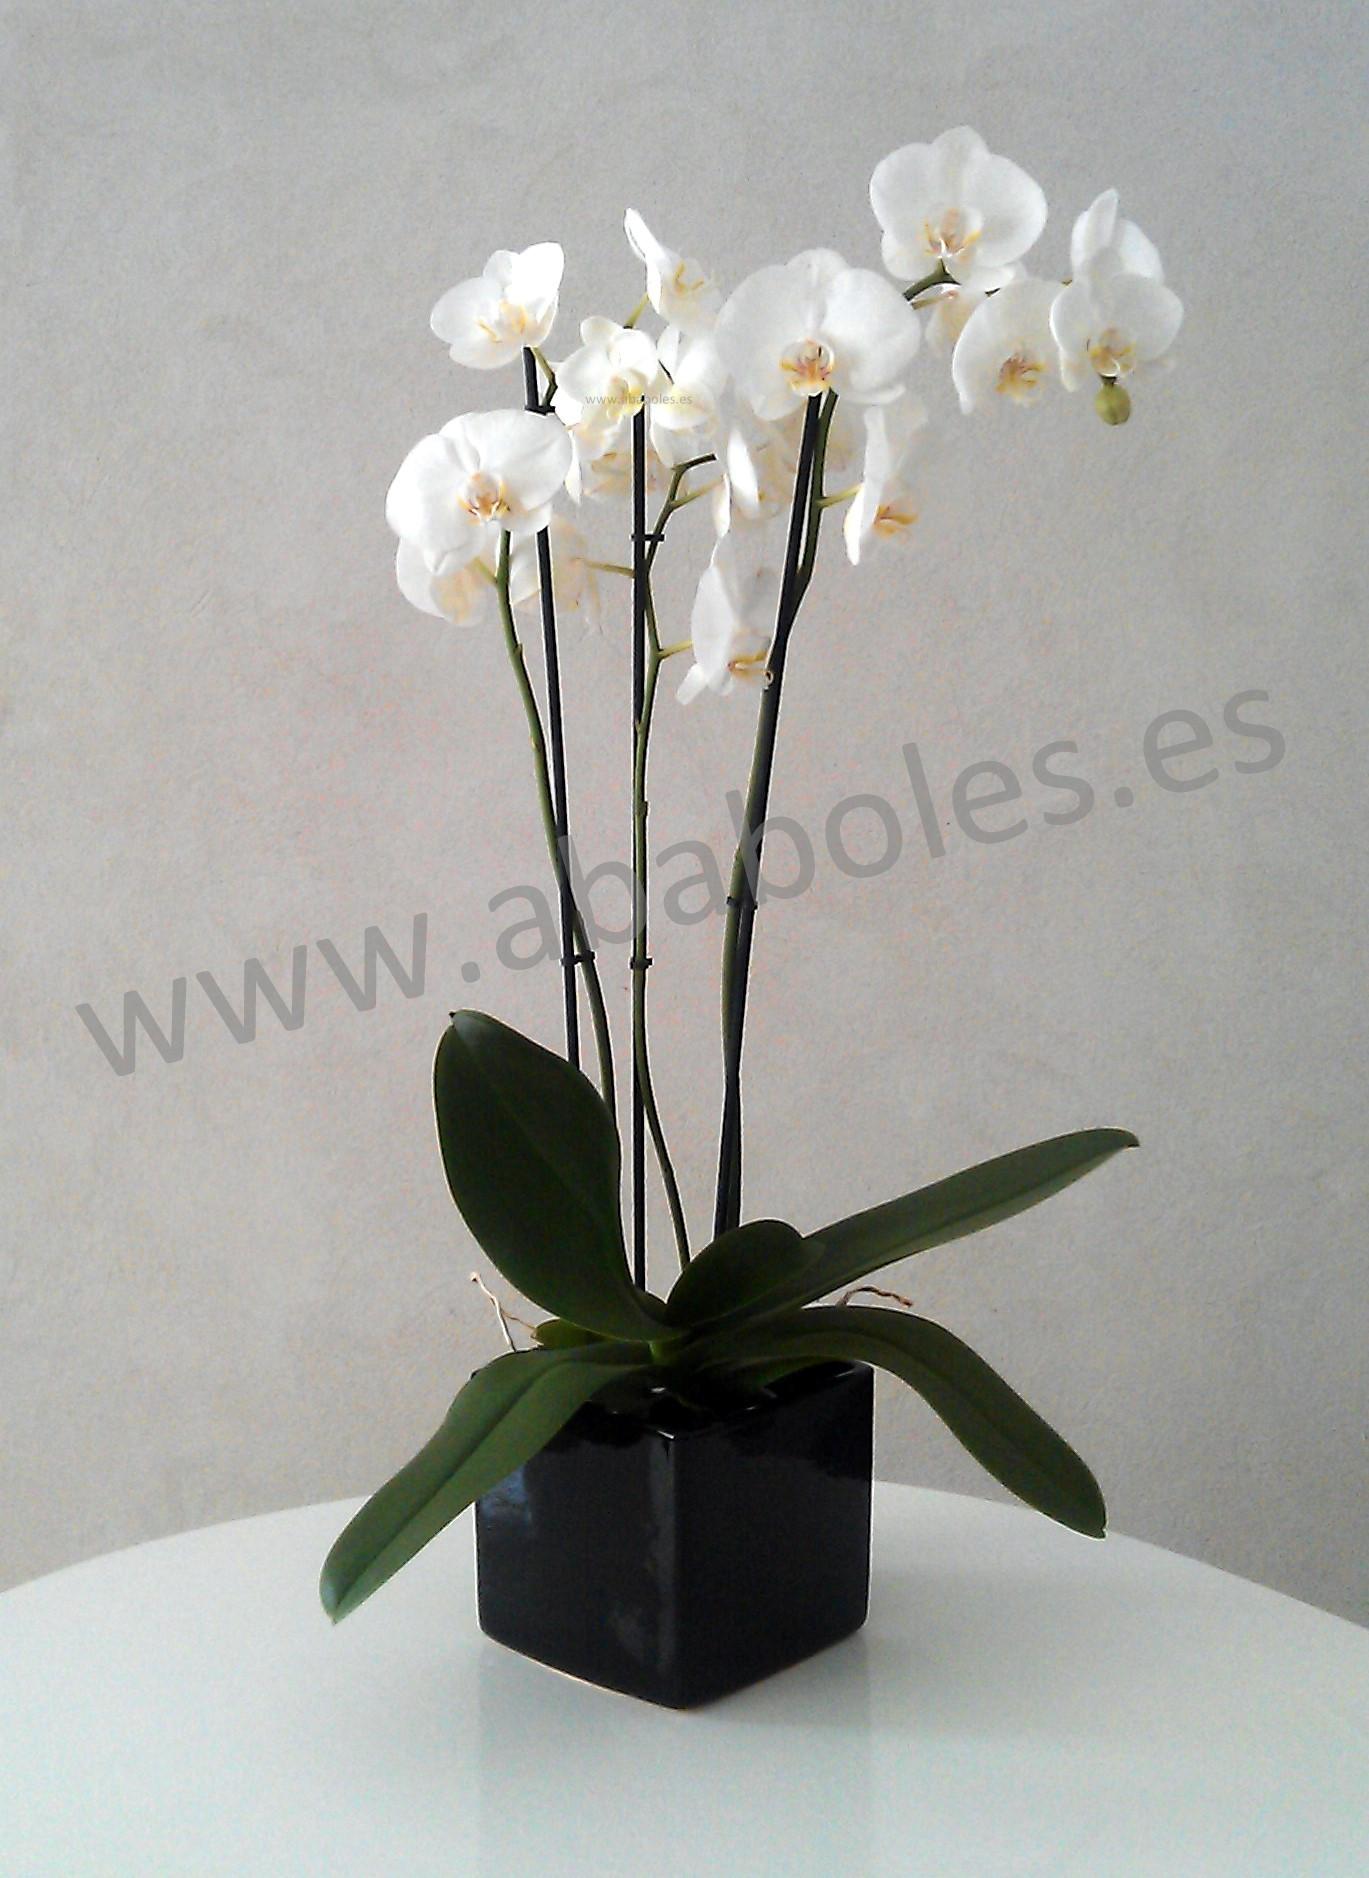 Cuidados de Phalaenopsis Ababoles